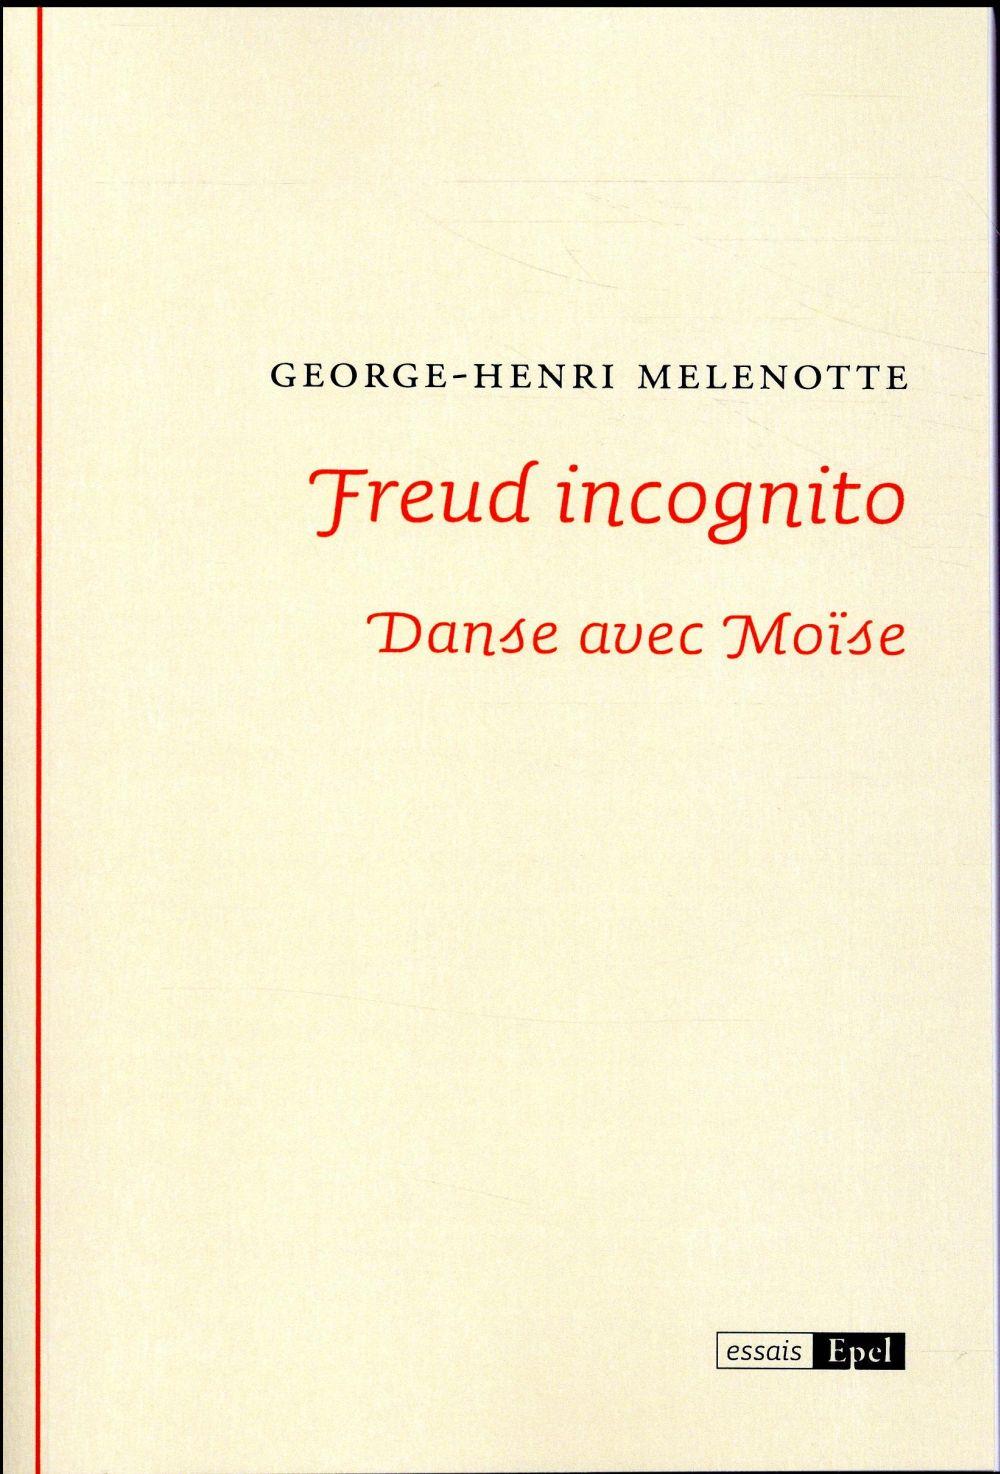 Freud incognito ; danse avec Moïse